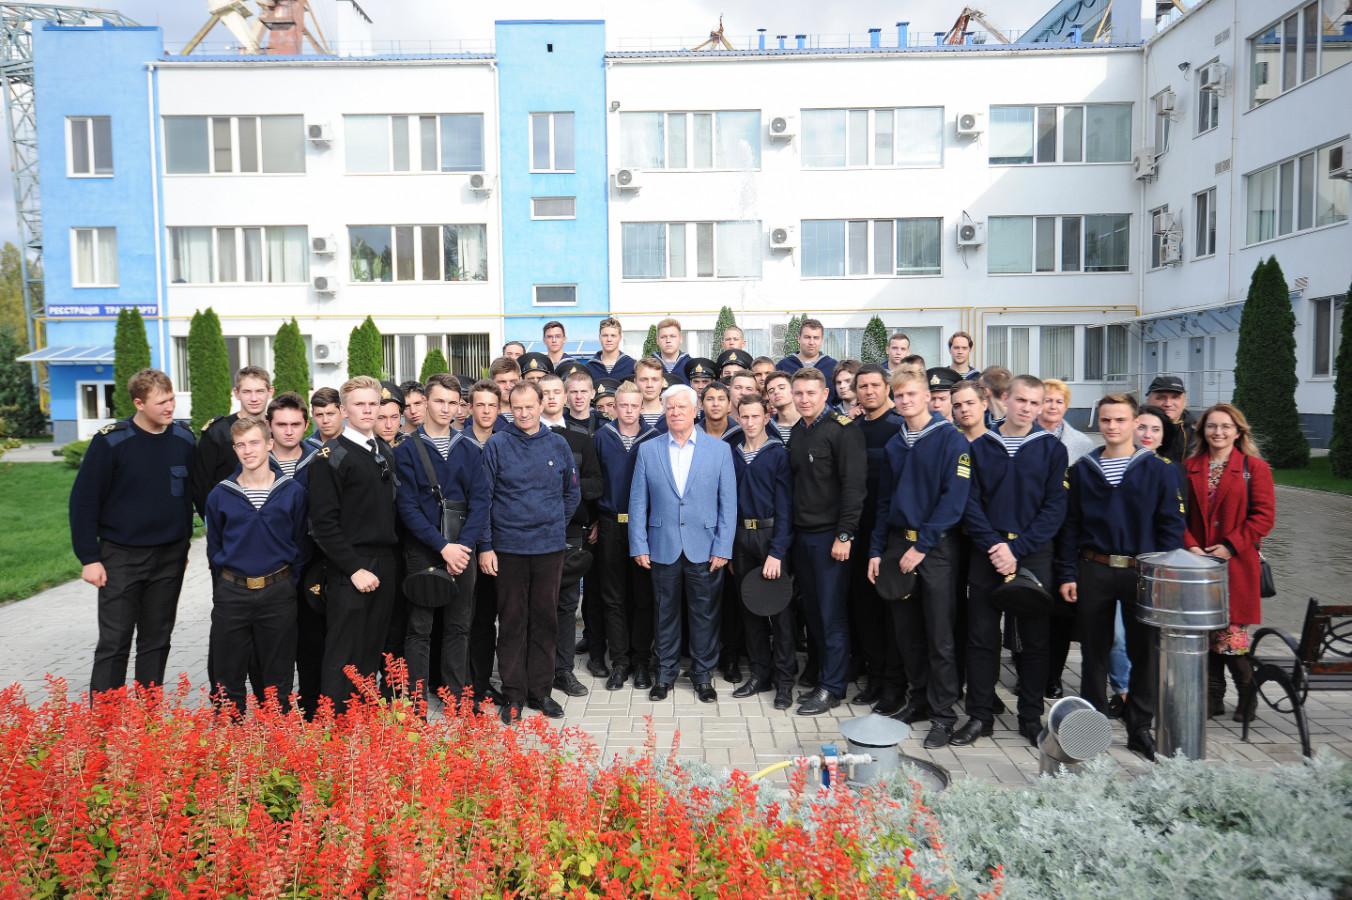 Херсонські курсанти мріють працювати на «НІБУЛОНівських» суднах